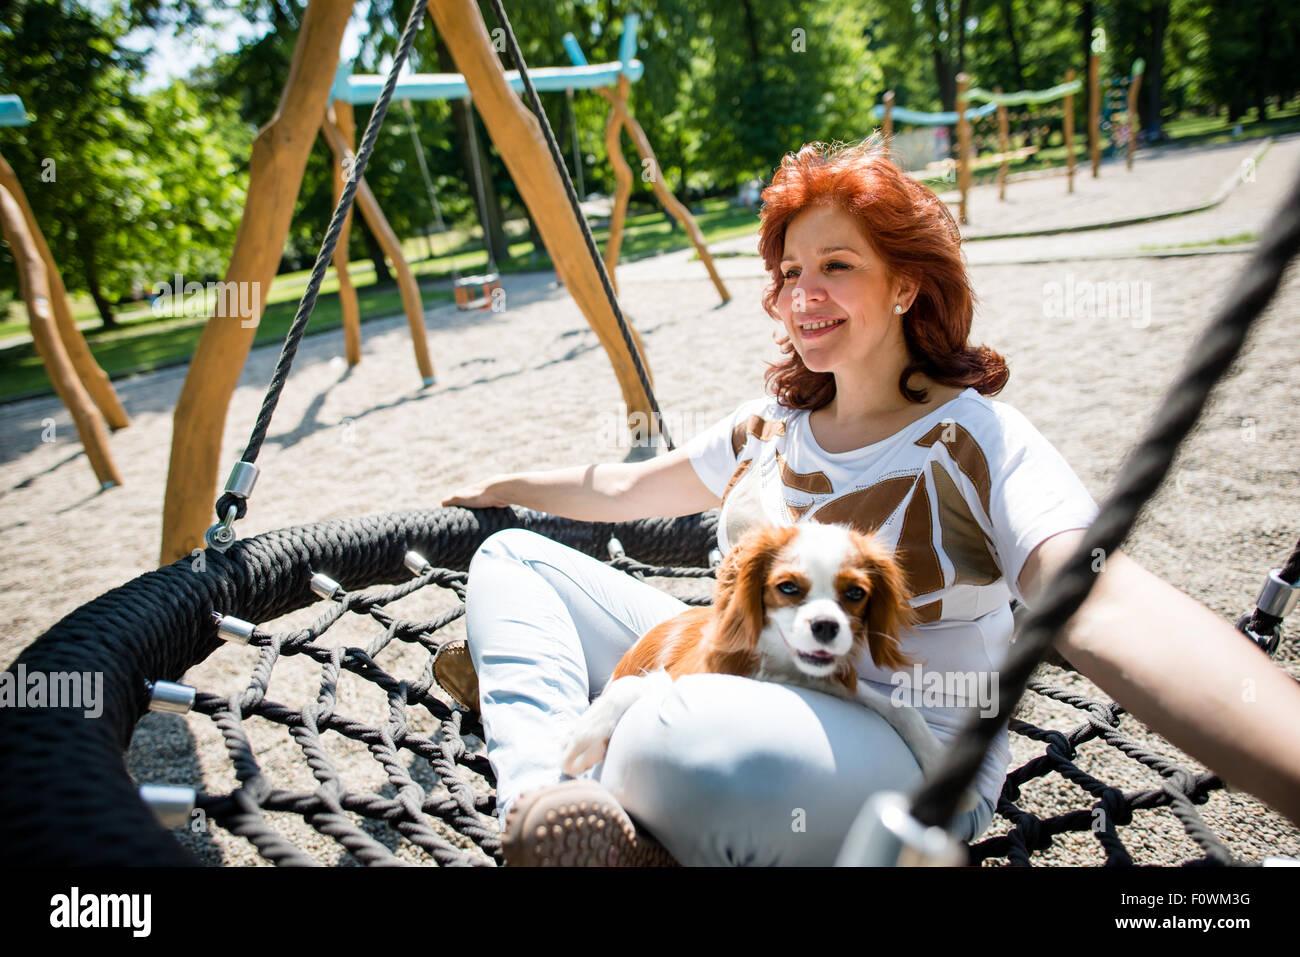 Reife Frau mit ihrem tierischen Freund außerhalb auf Spielplatz Schaukeln Stockbild